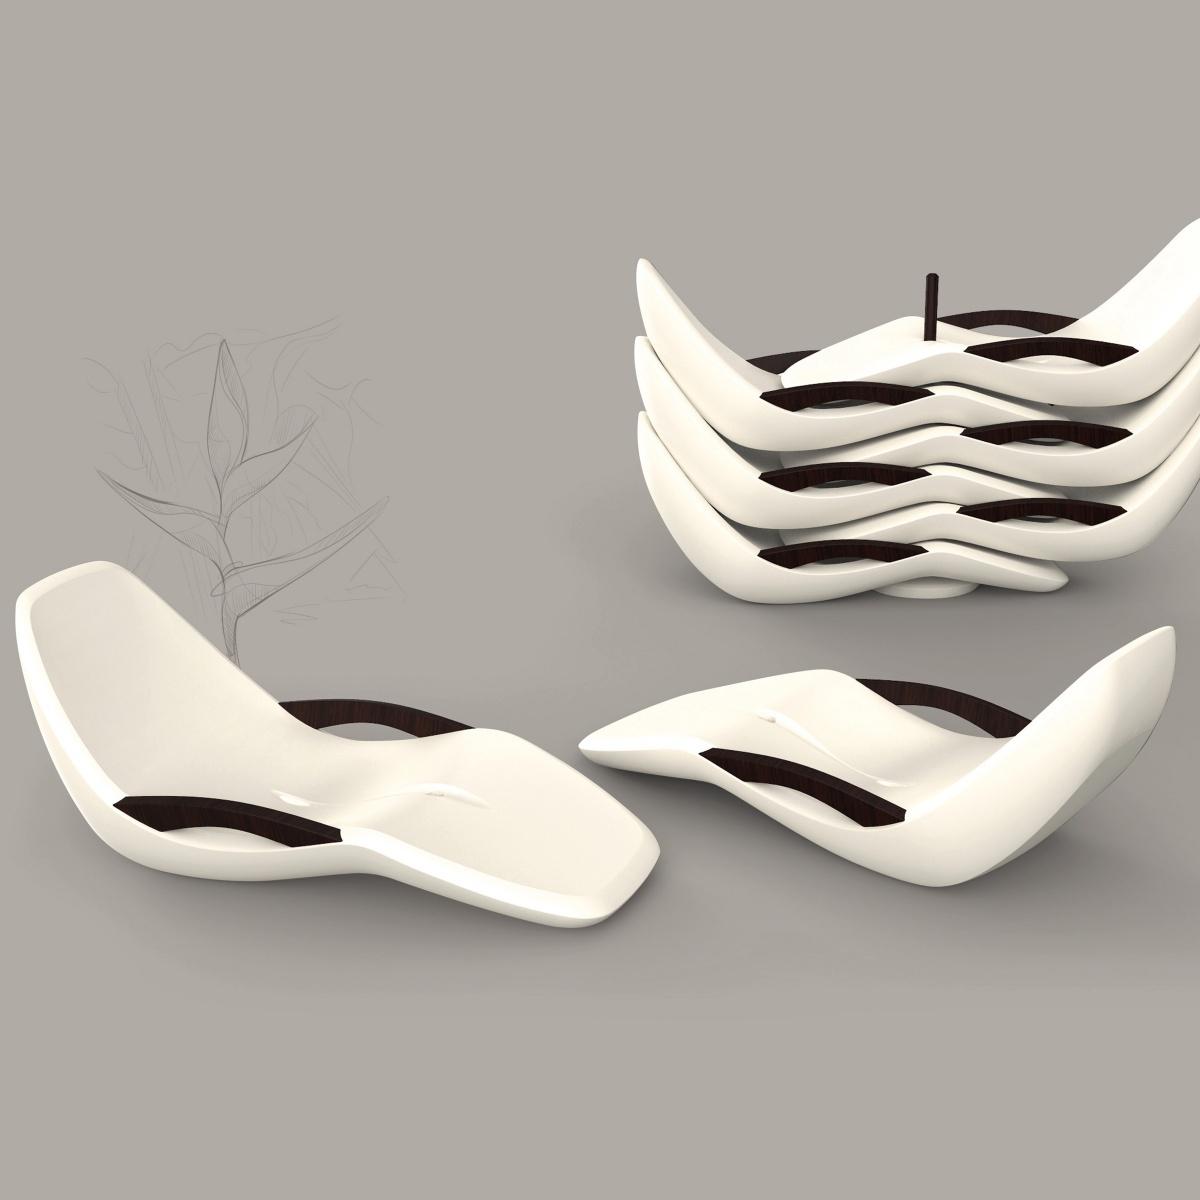 frant st phane fda f d ration des designers en aquitaine. Black Bedroom Furniture Sets. Home Design Ideas